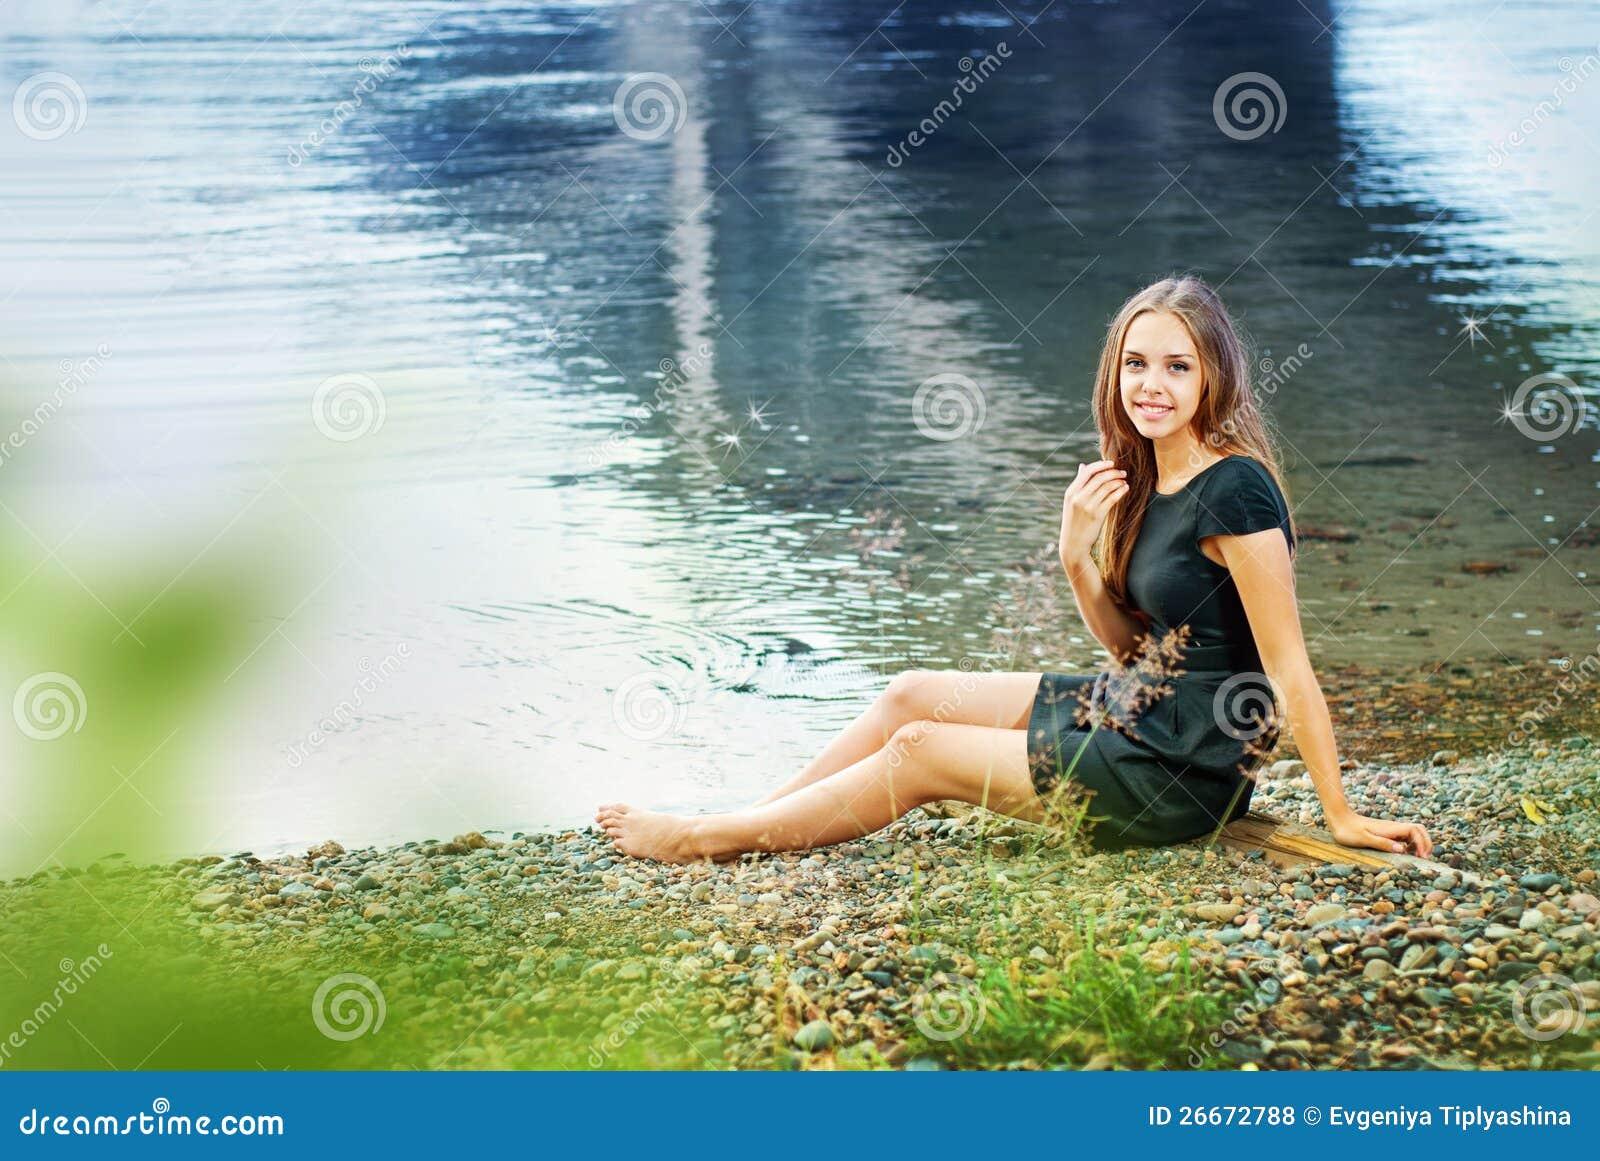 фото на реке девушки